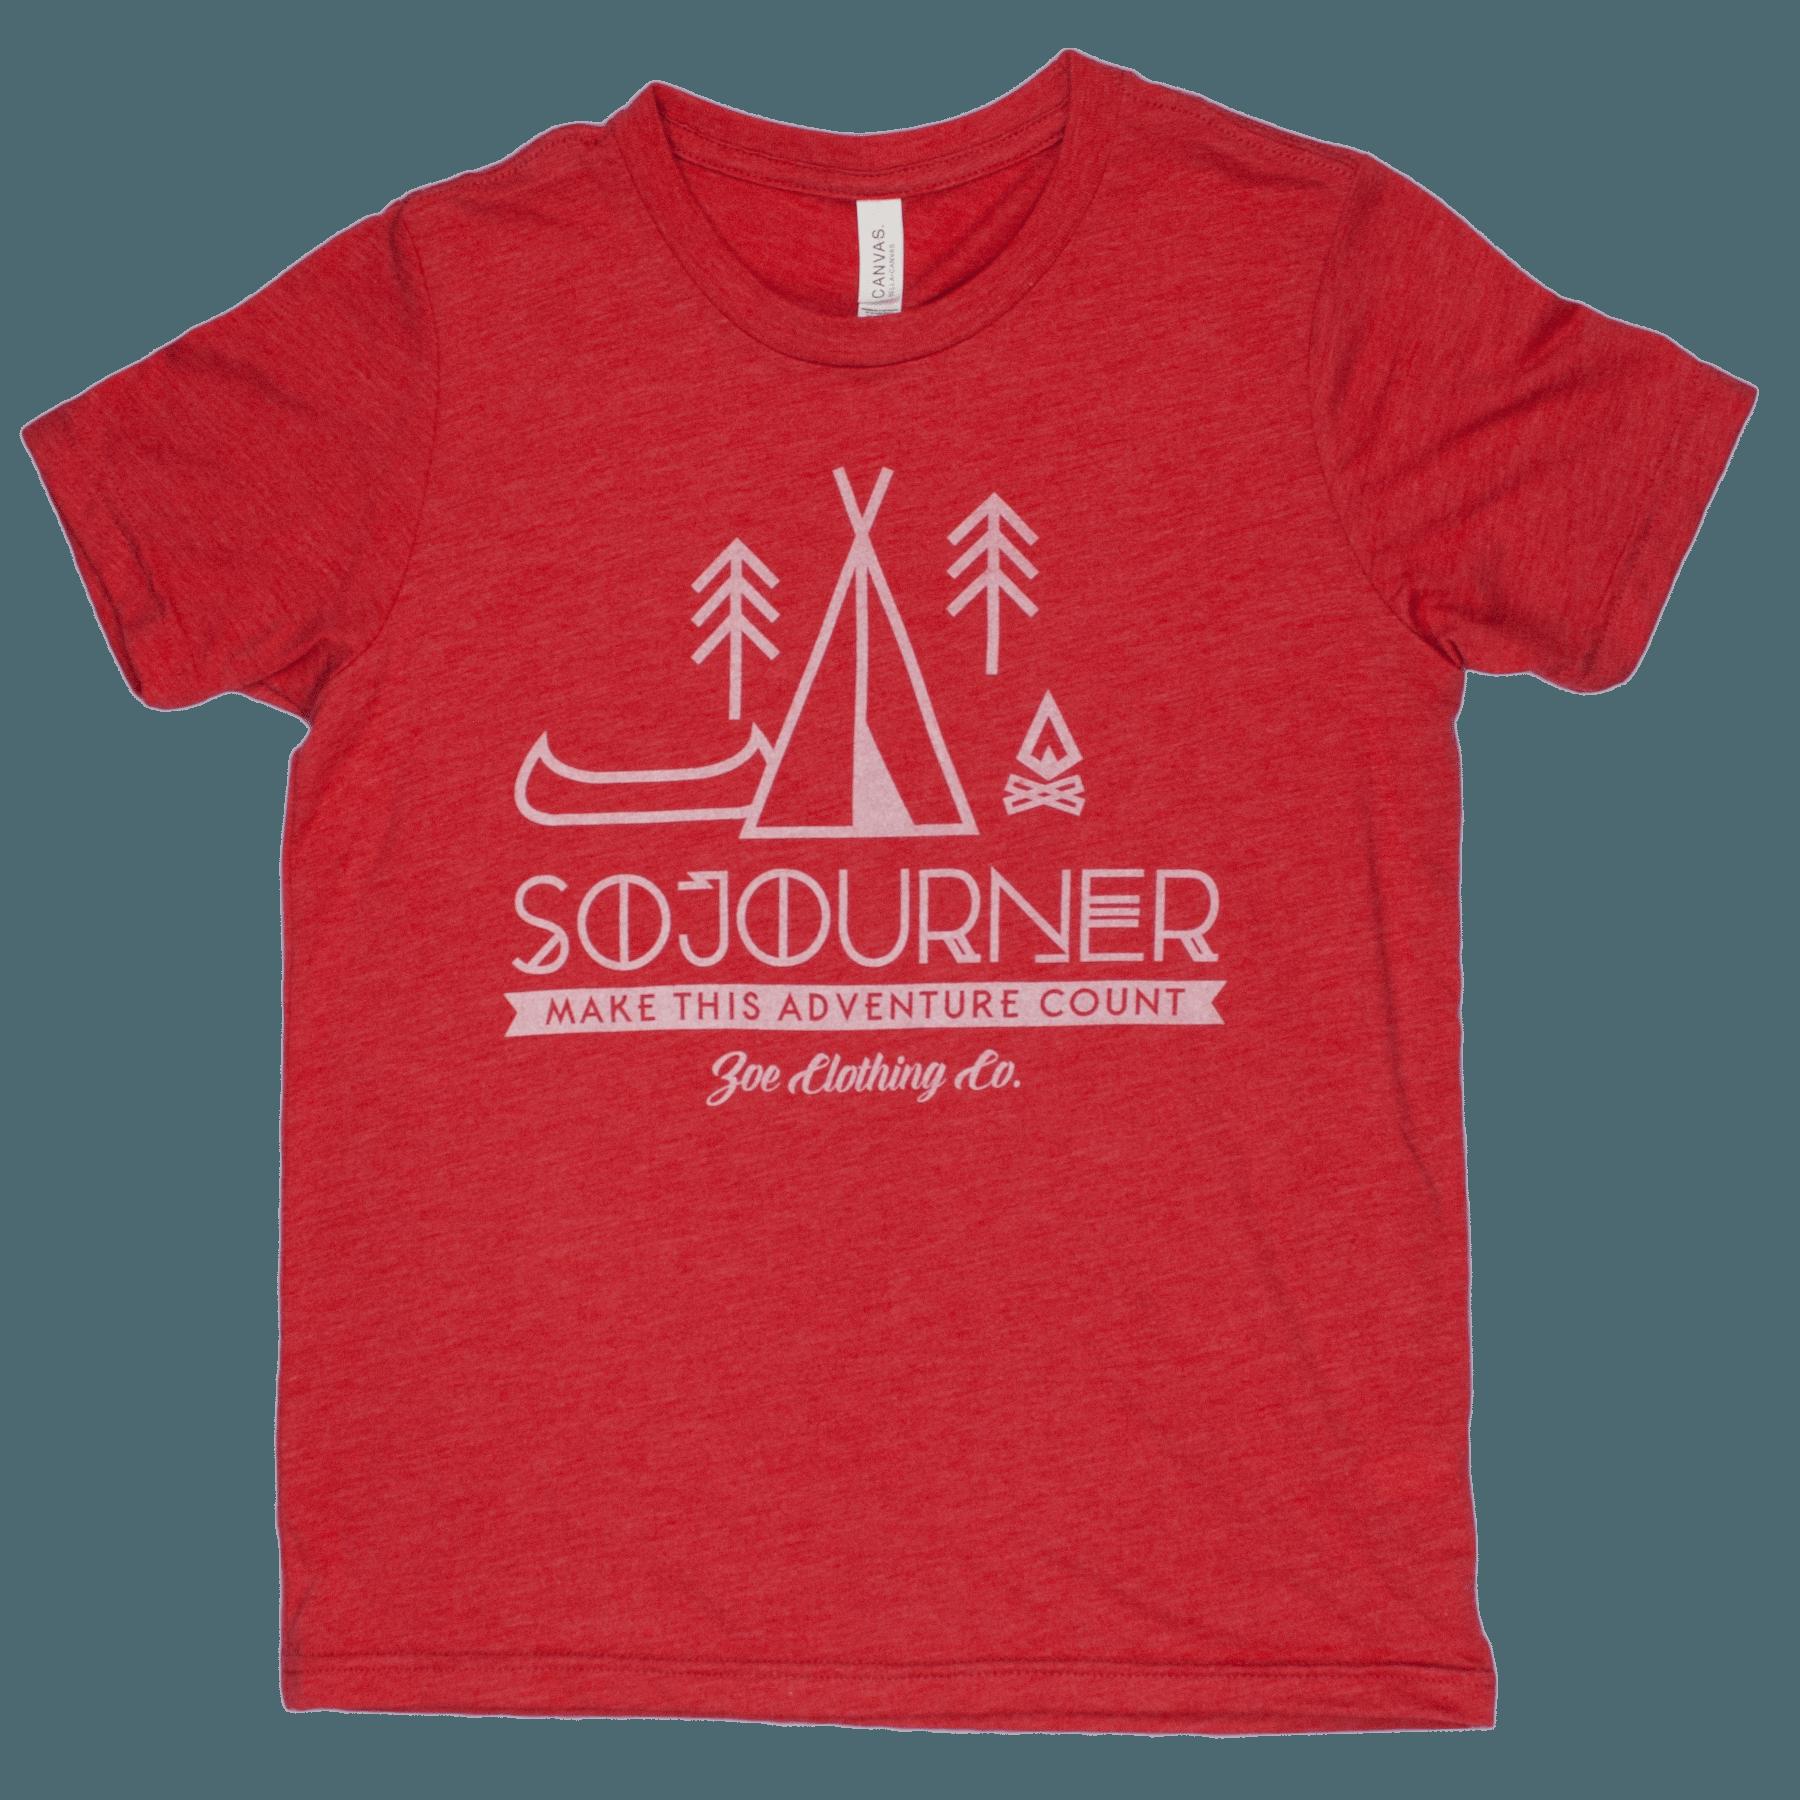 Youth Sojourner transparent